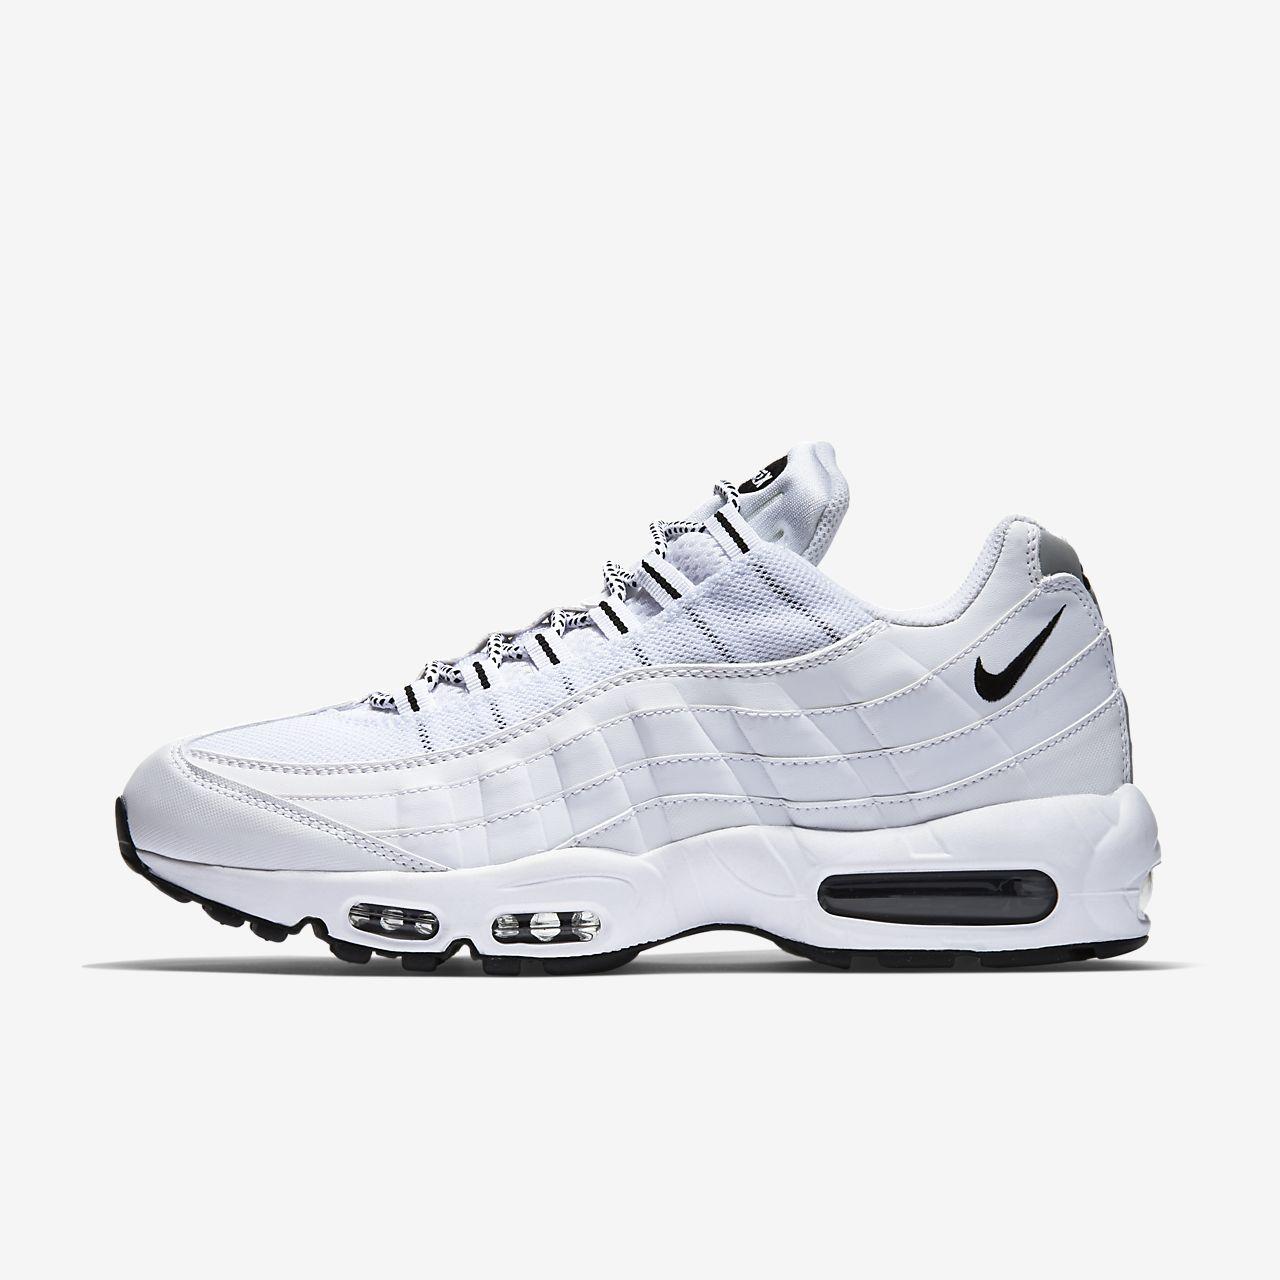 ... Nike Air Max 95 Men's Shoe